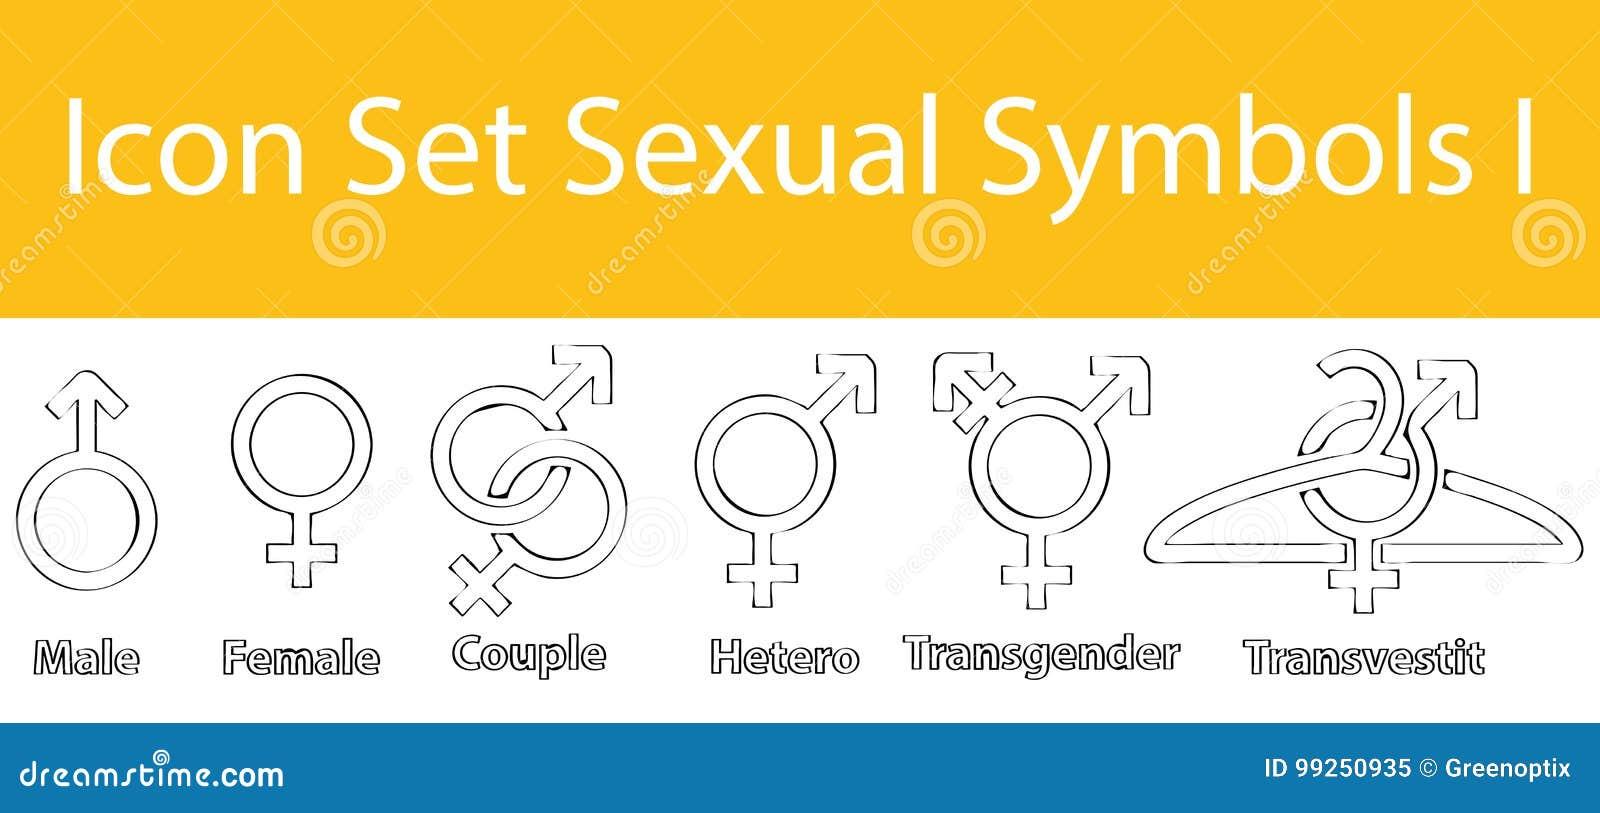 Gezogenes Gekritzel zeichnete Ikonen-gesetzte sexuelle Symbole I